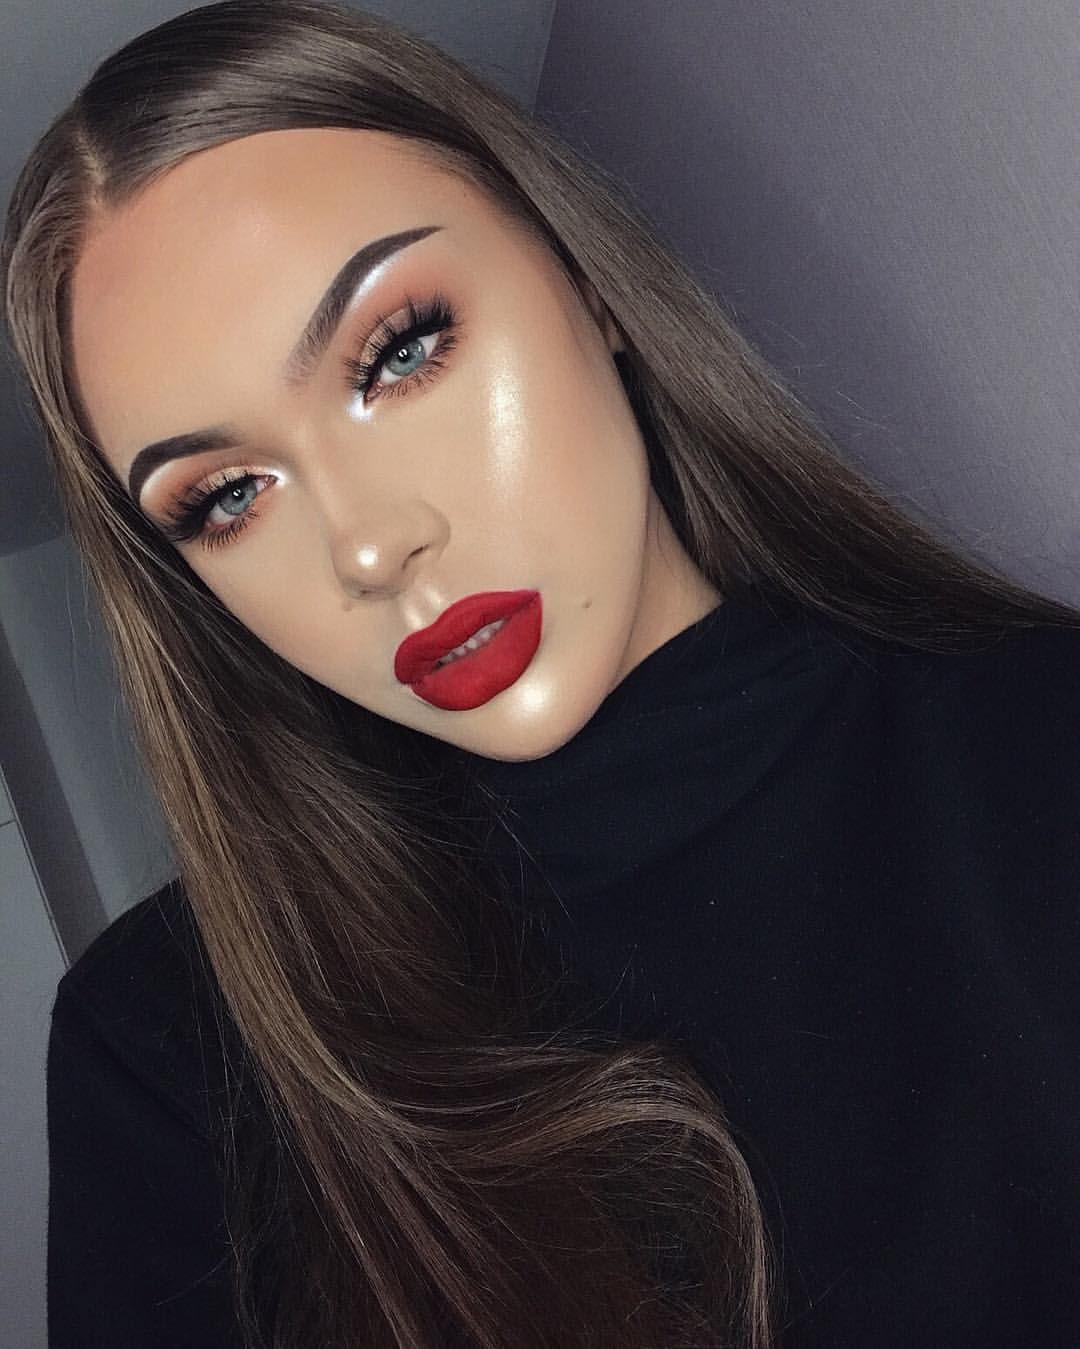 Pinterest Idaliax0 Gorgeous Makeup Makeup Looks Makeup Trends